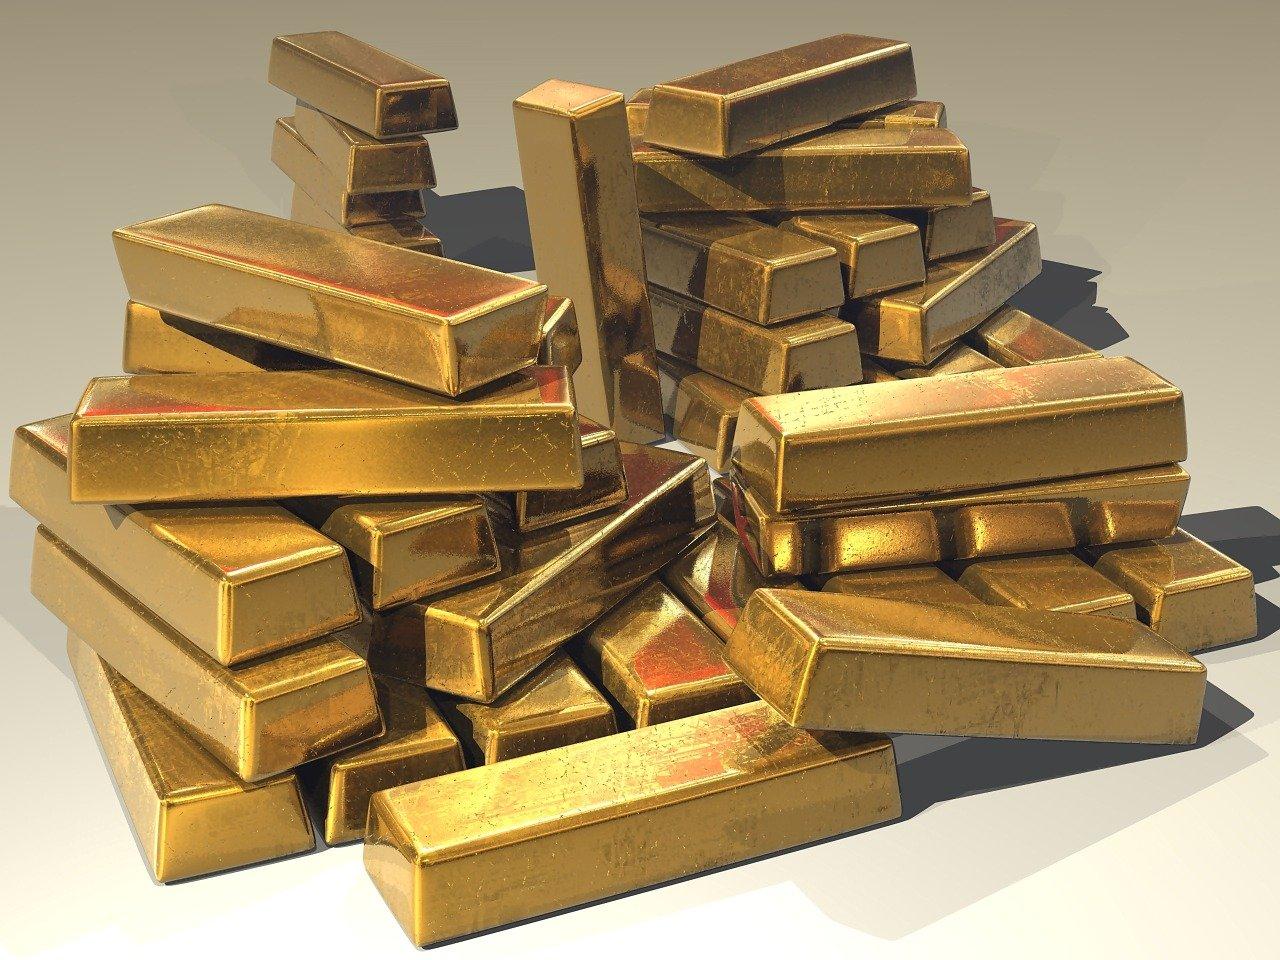 Золото на 68 млн тенге пытались тайком вывезти из Казахстана в Турцию